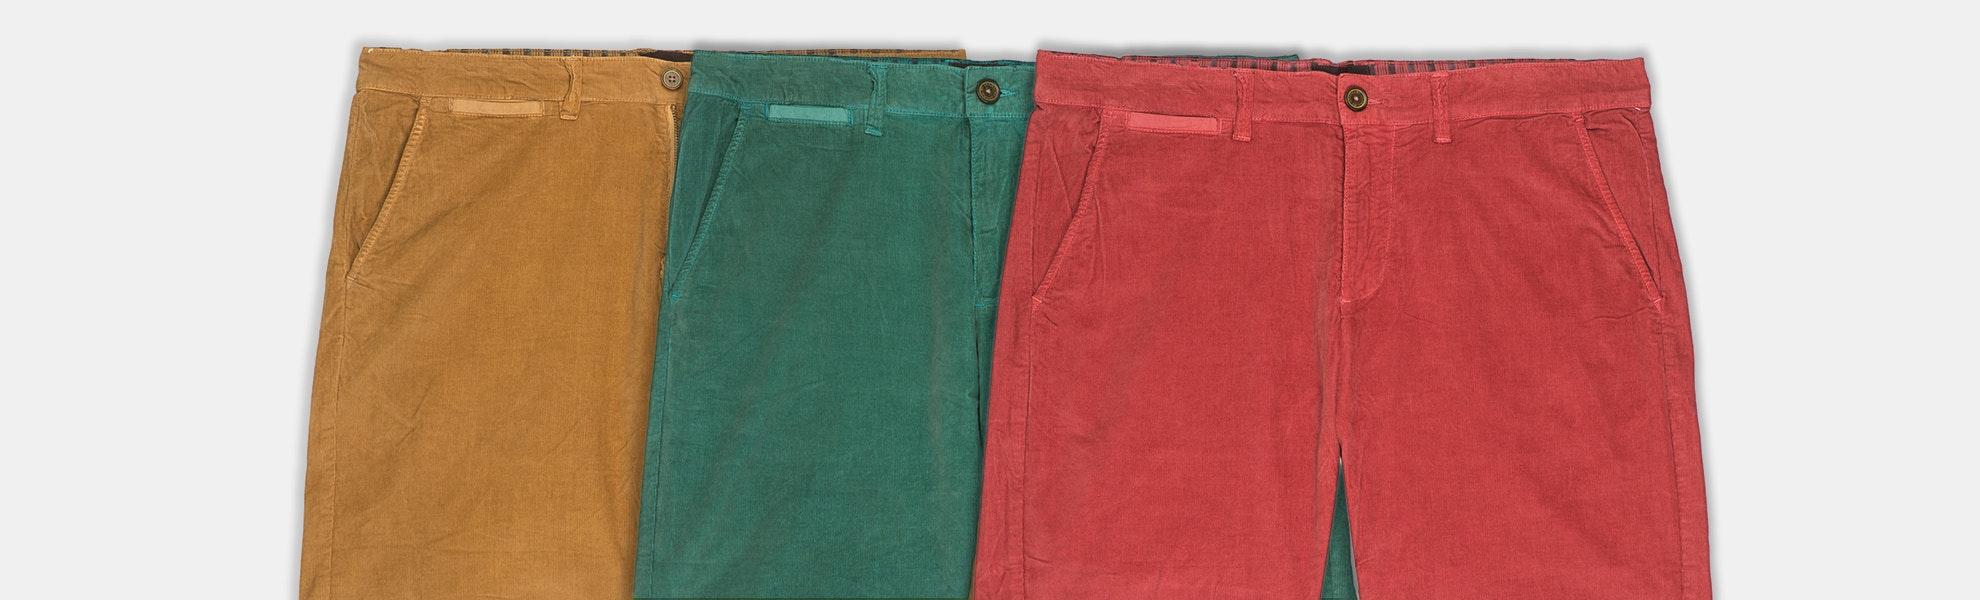 Jachs NY Corduroy Bedford 8-Inch Shorts